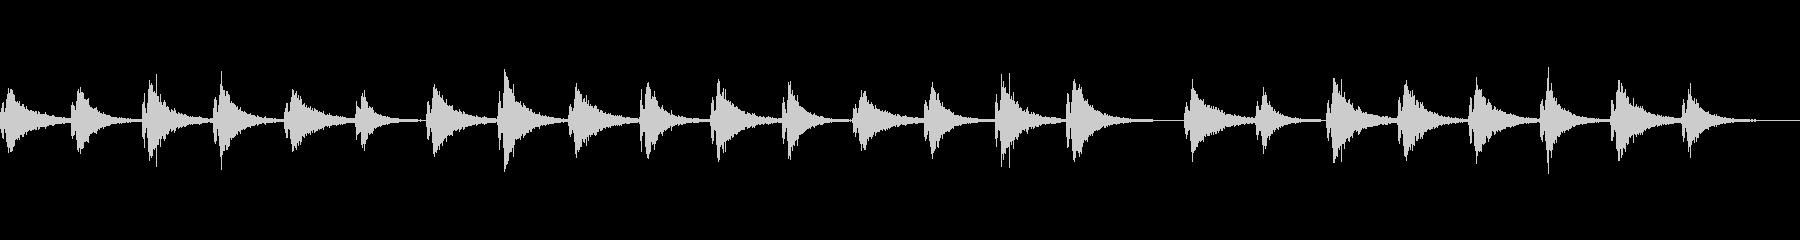 不気味な残響音の未再生の波形